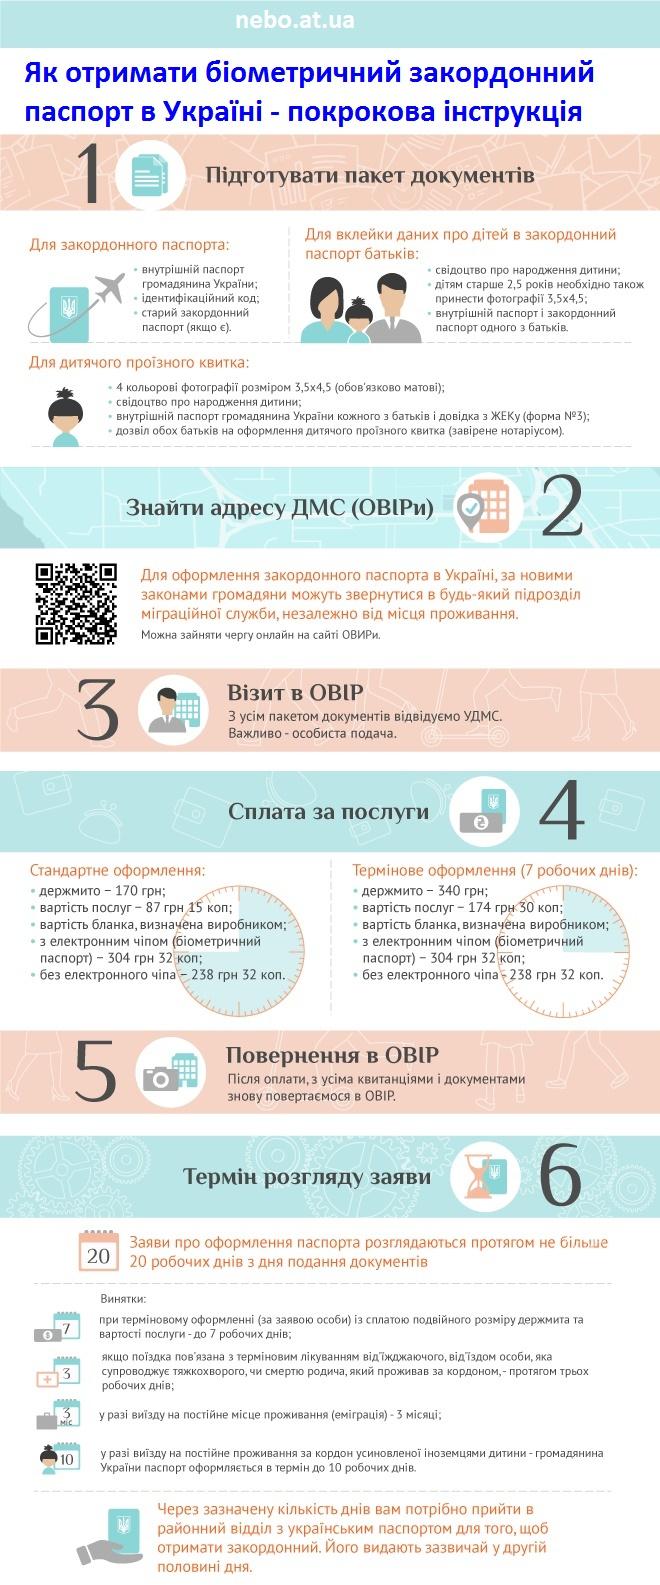 Інфографіка - як отримати закордонний біометричний паспорт в Україні, покрокова інструкція